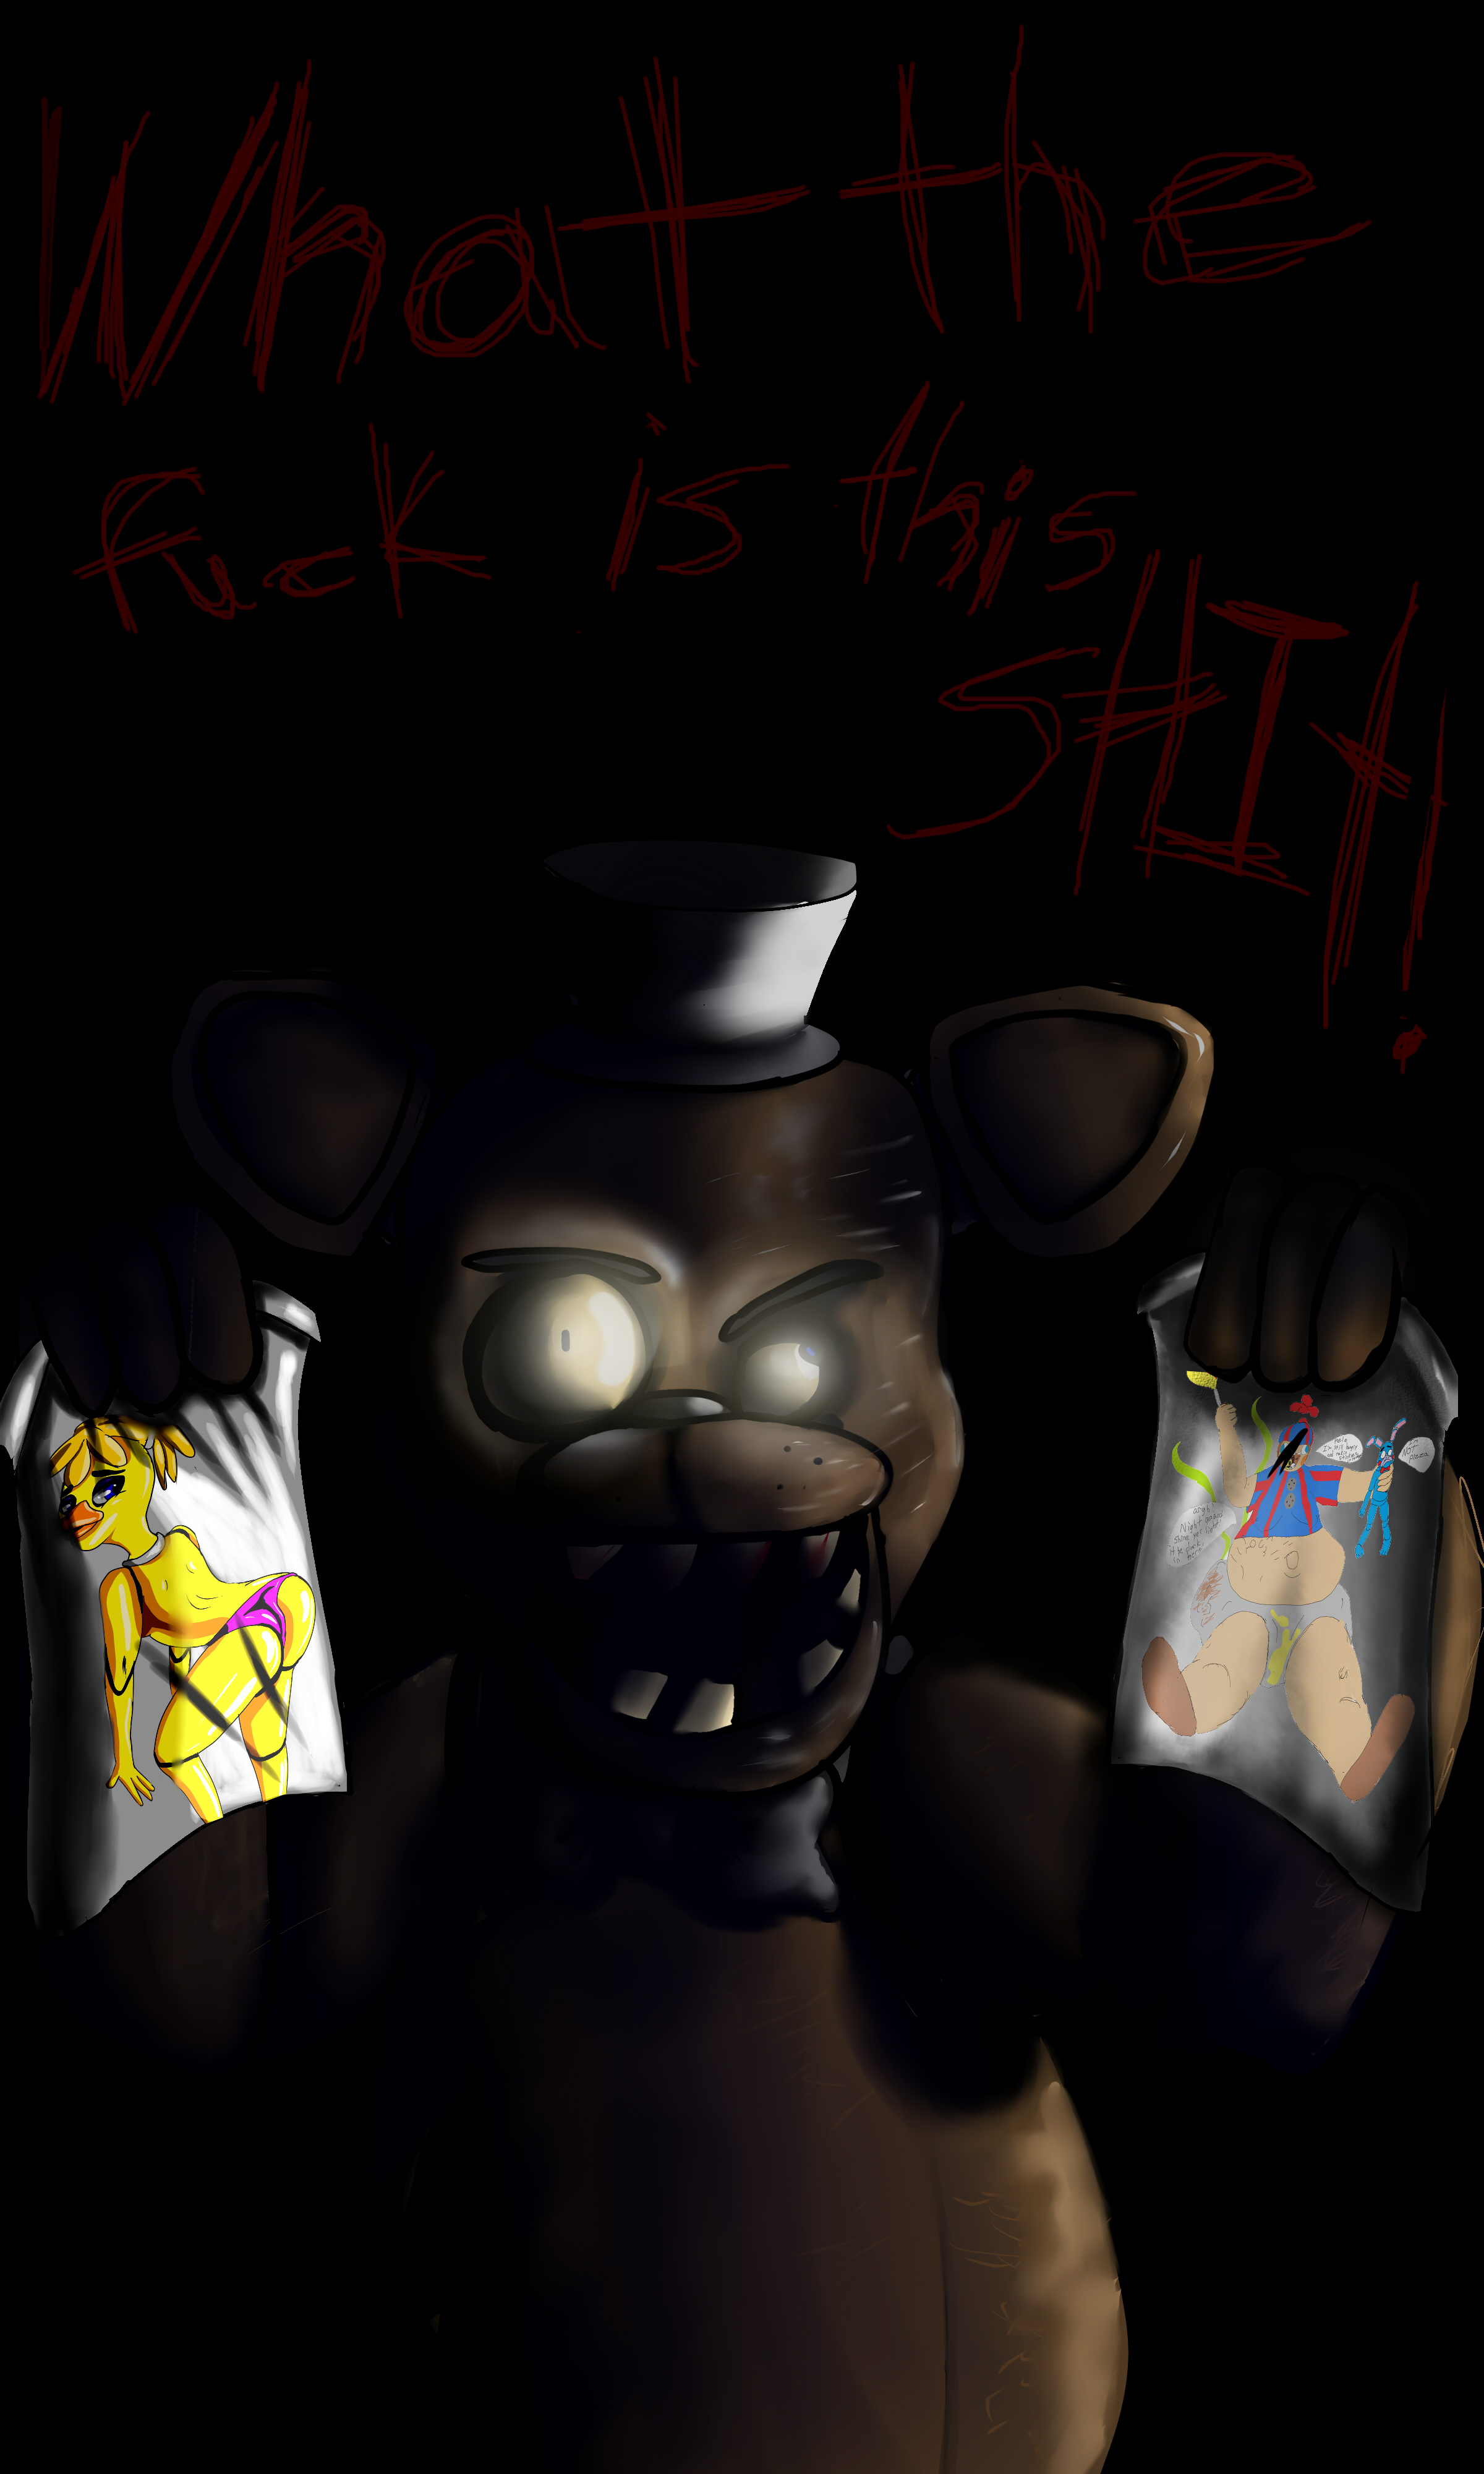 Freddy Fazbear is Pissed